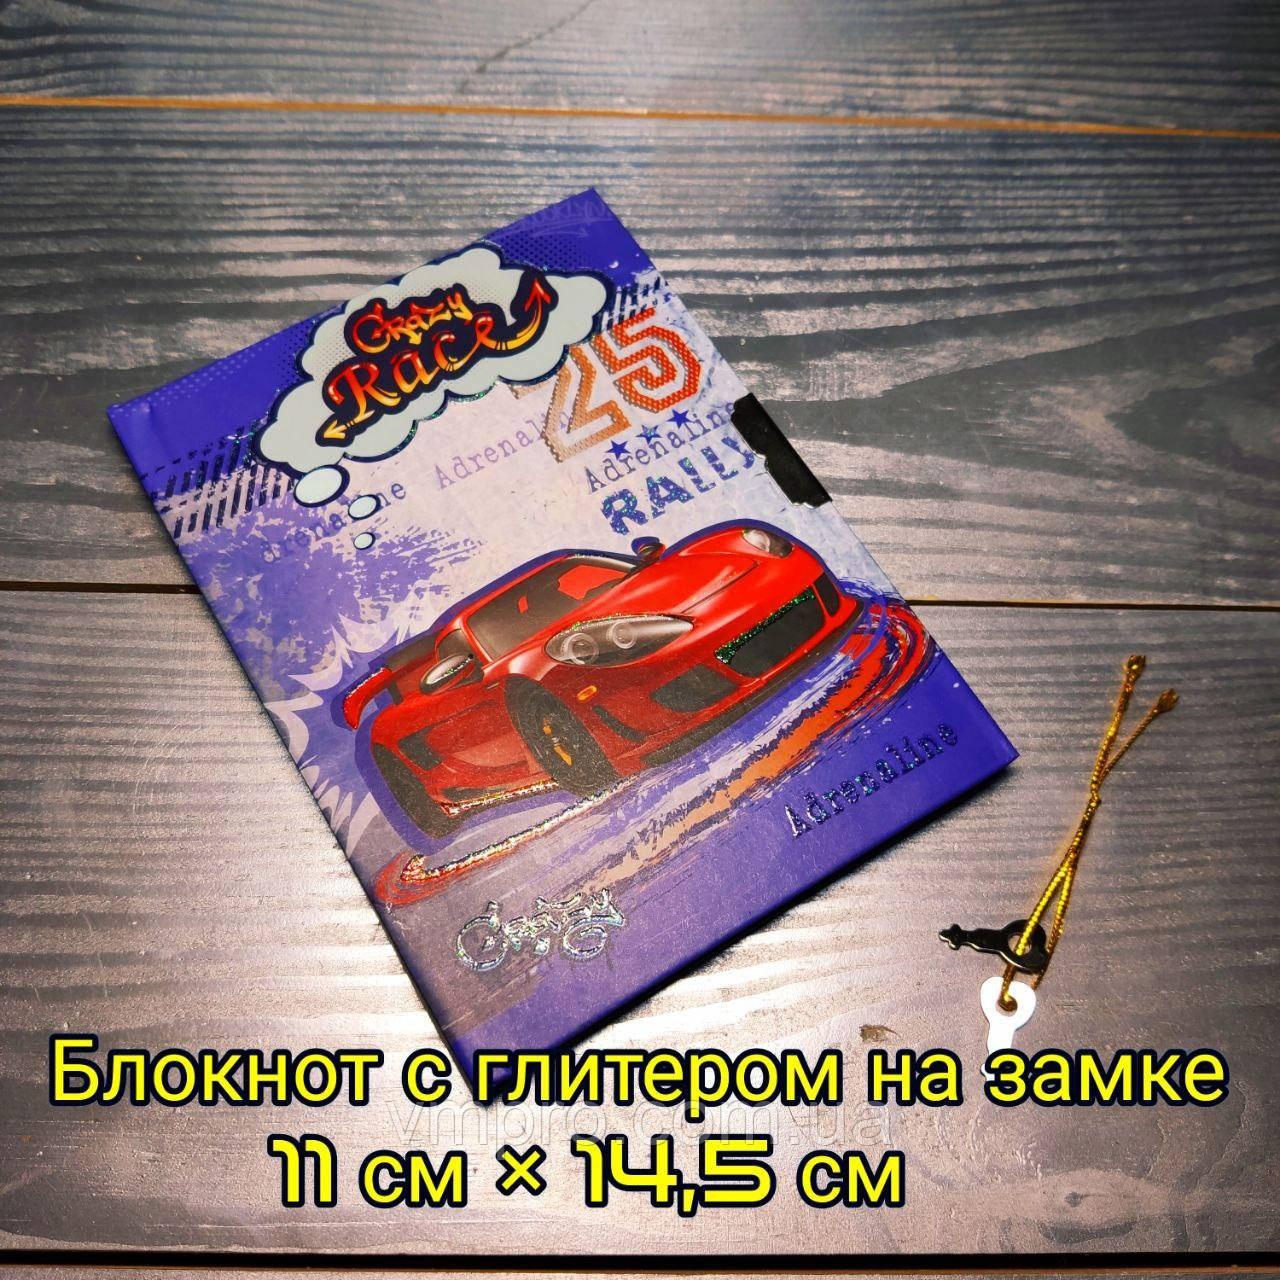 """Блокнот на замке с глитером для мальчиков """"Sport Car"""" (11 см×14,5 см)"""